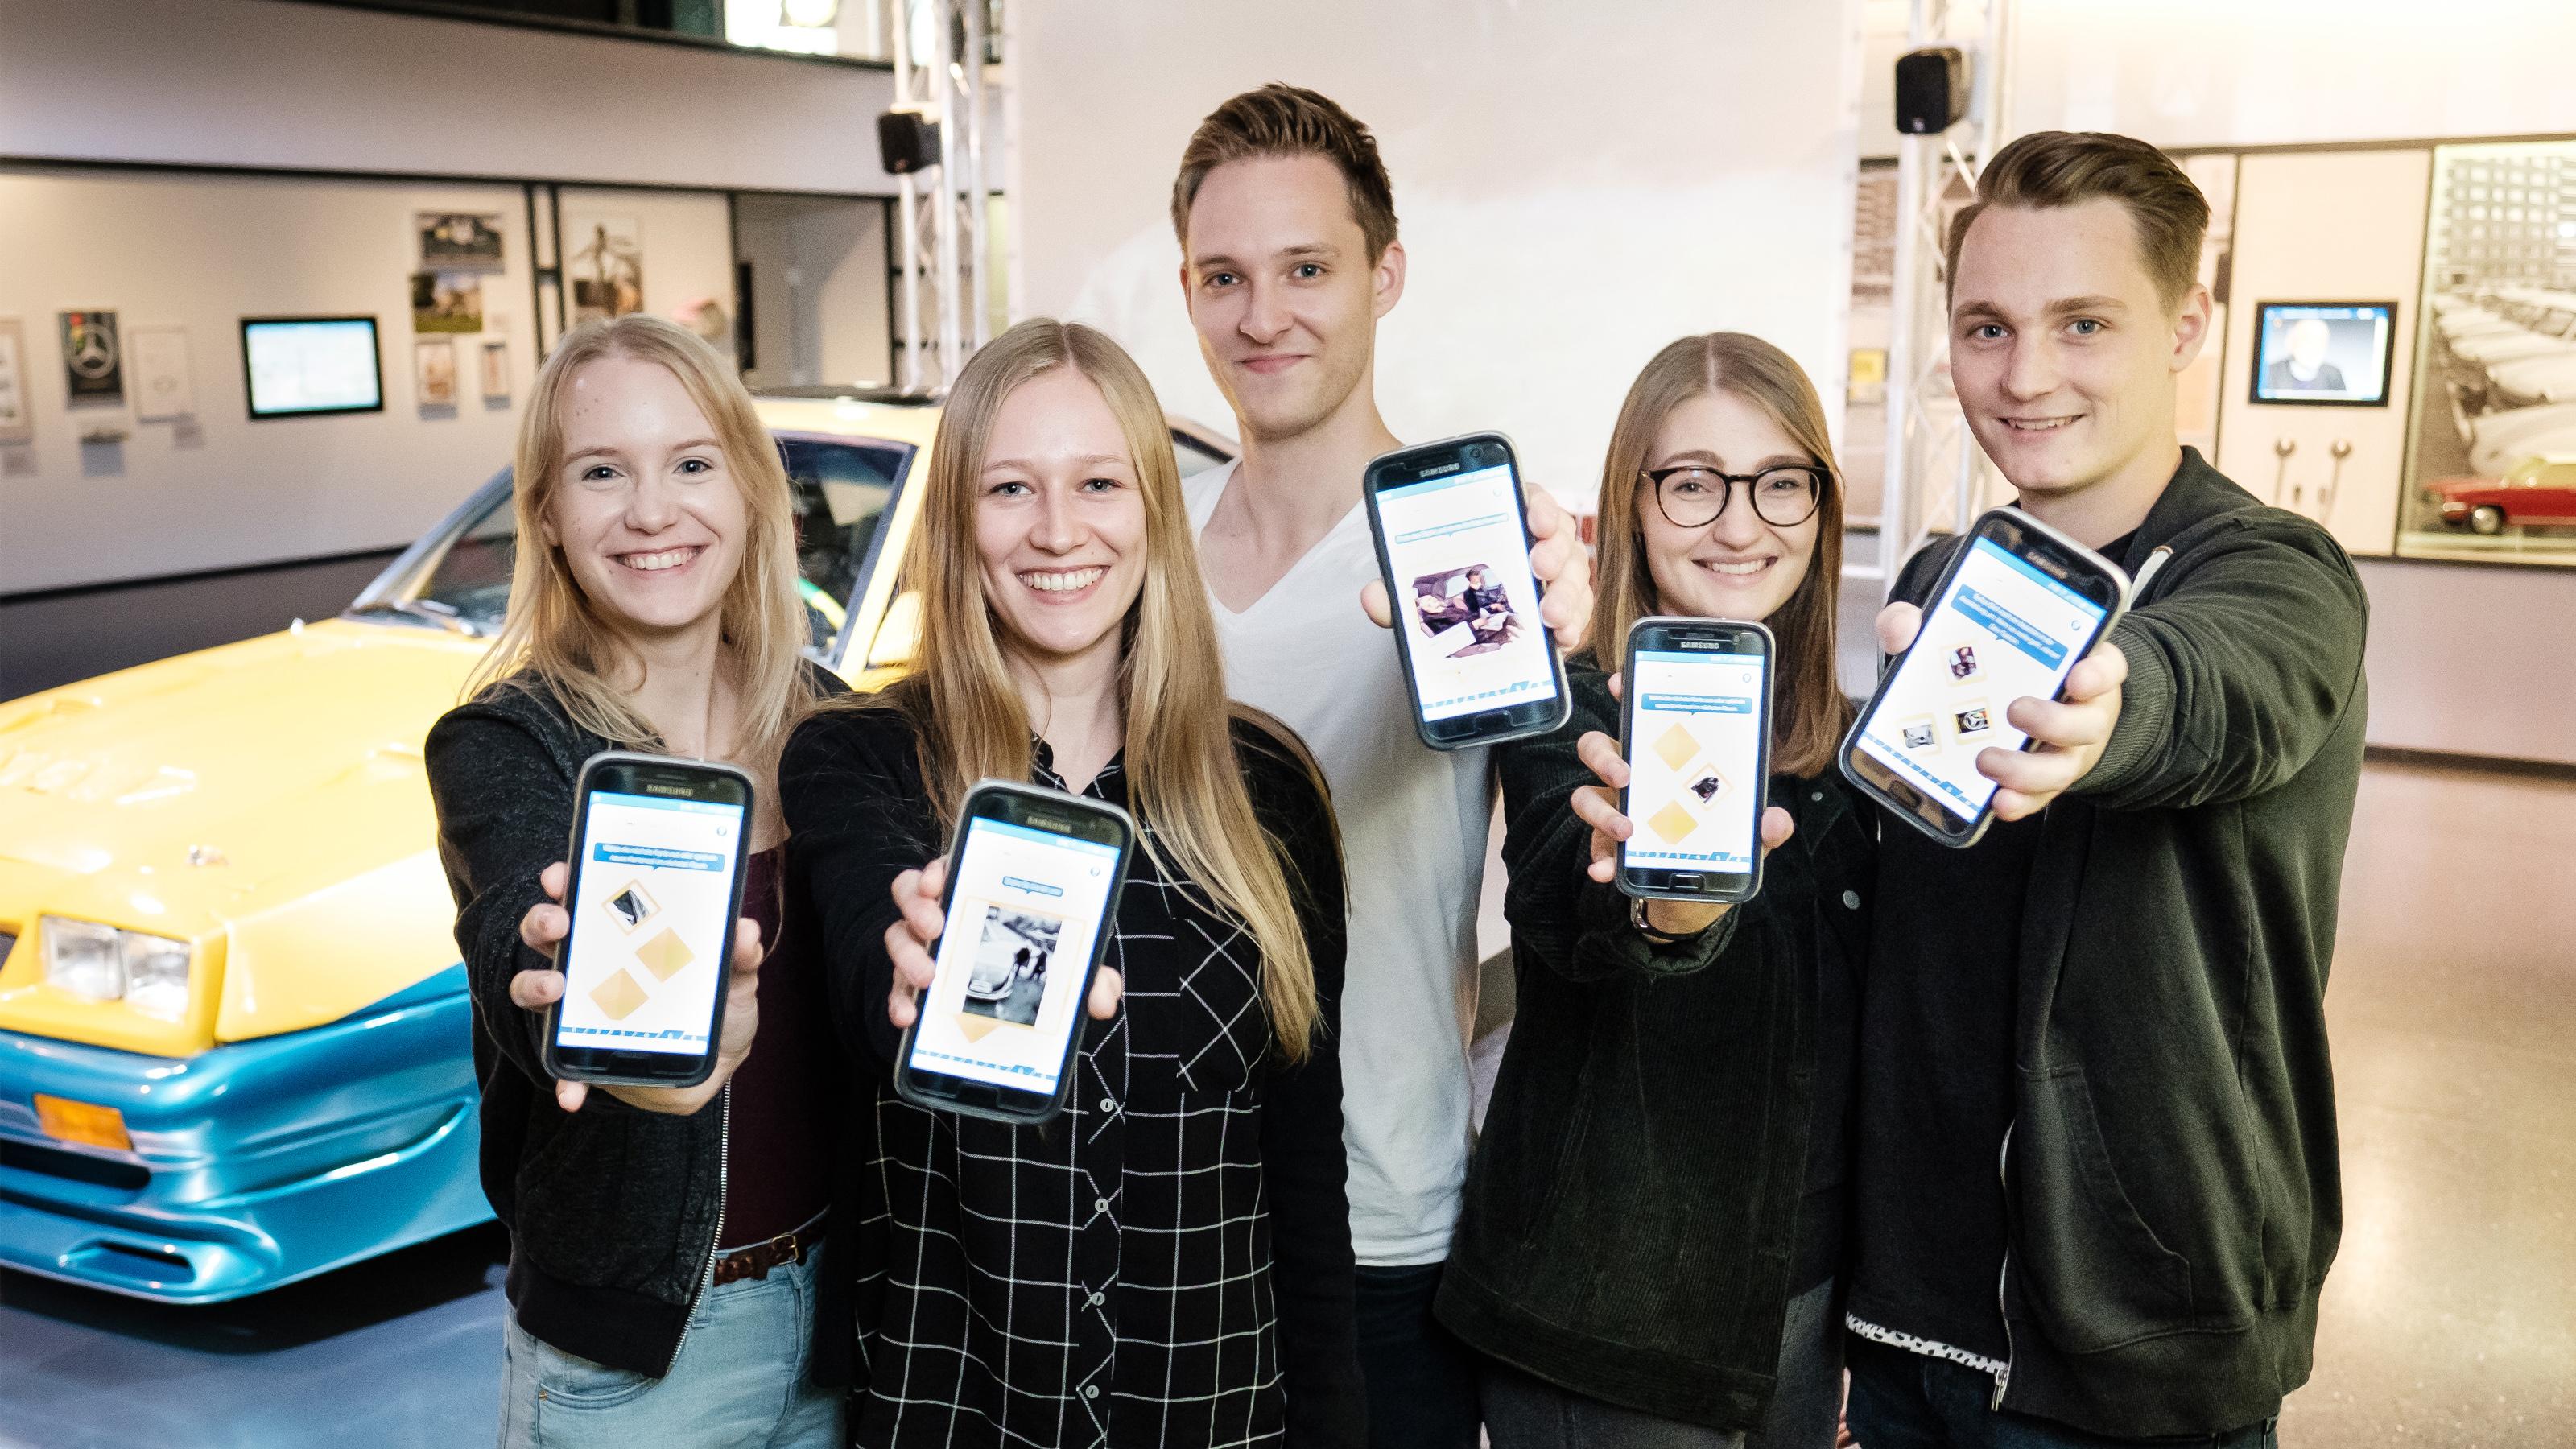 Eine Gruppe junger Menschen spielt die App in der Autoausstellung